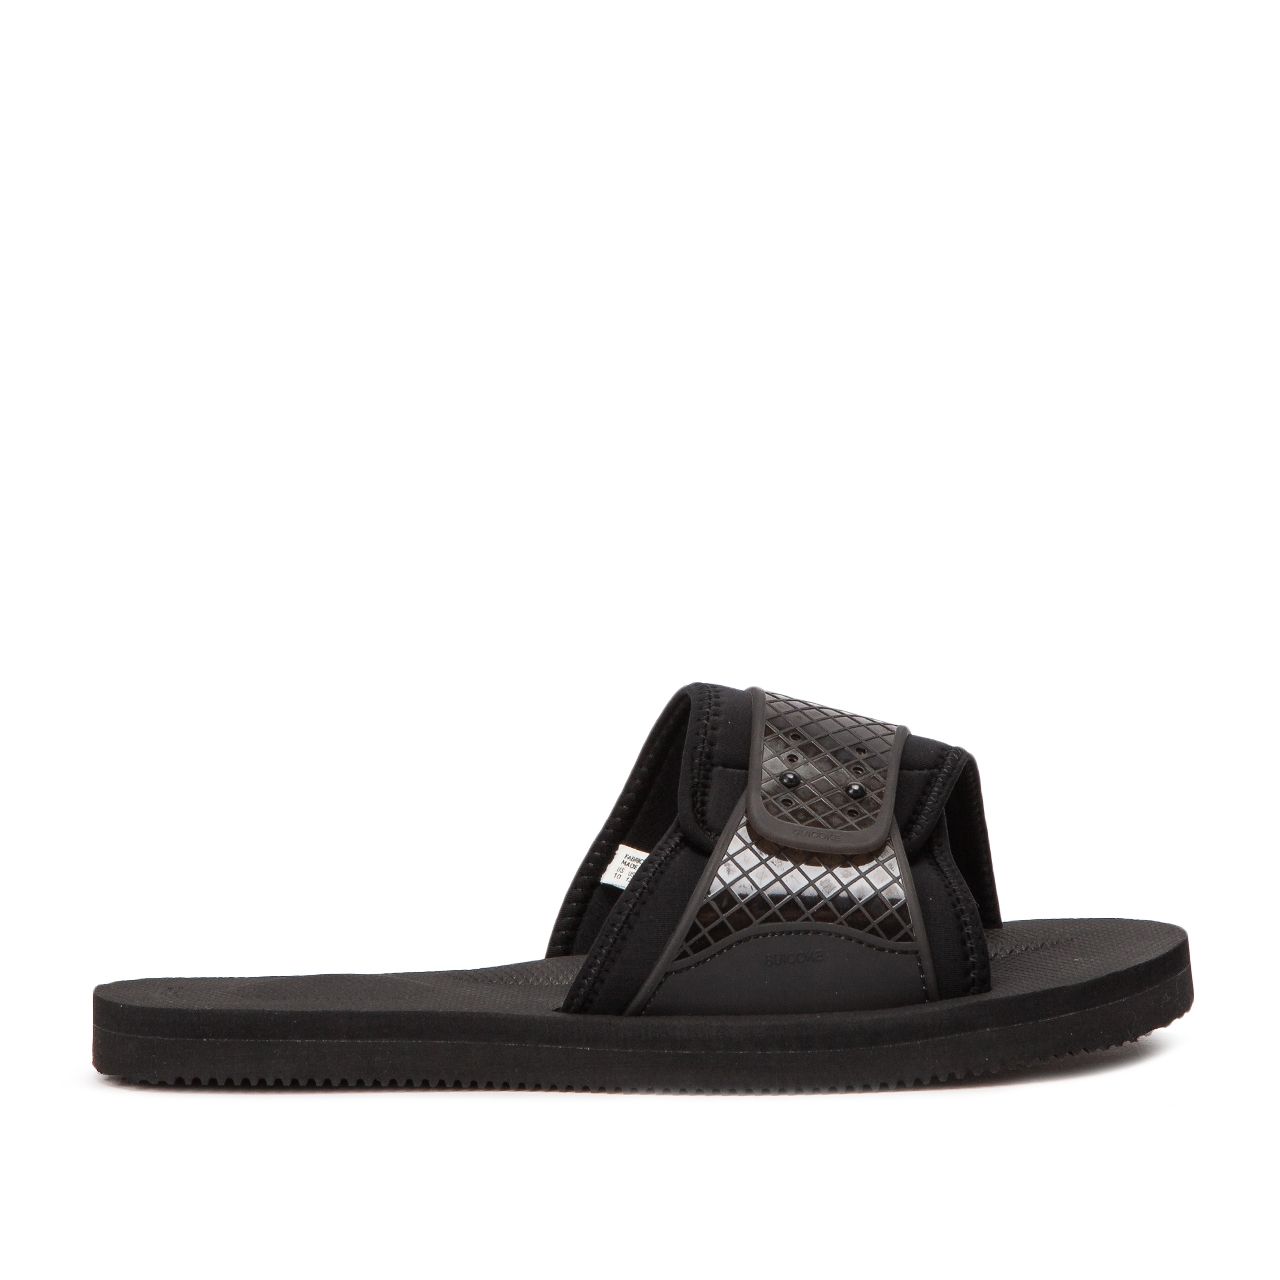 Suicoke Sandals SIV (Schwarz) - OG-100-SIV-001